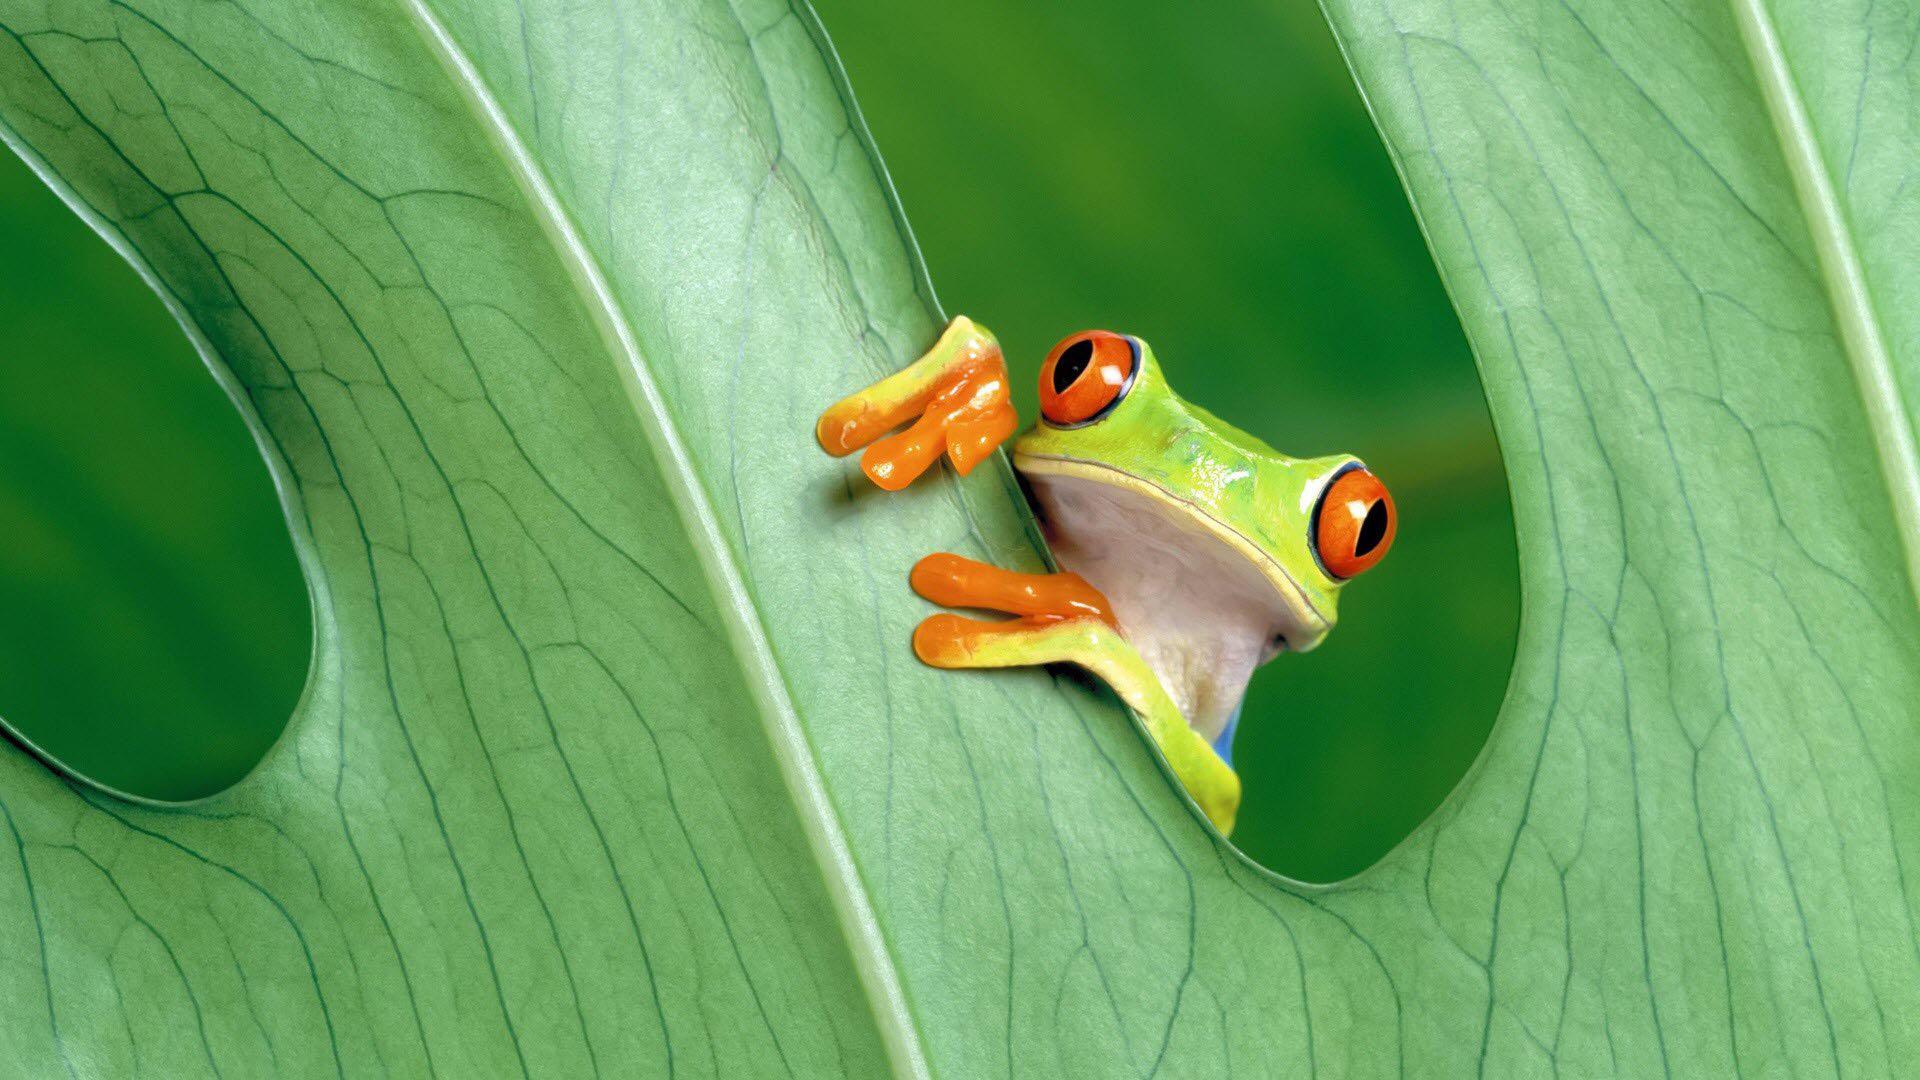 Hình nền chú ếch xanh dễ thương